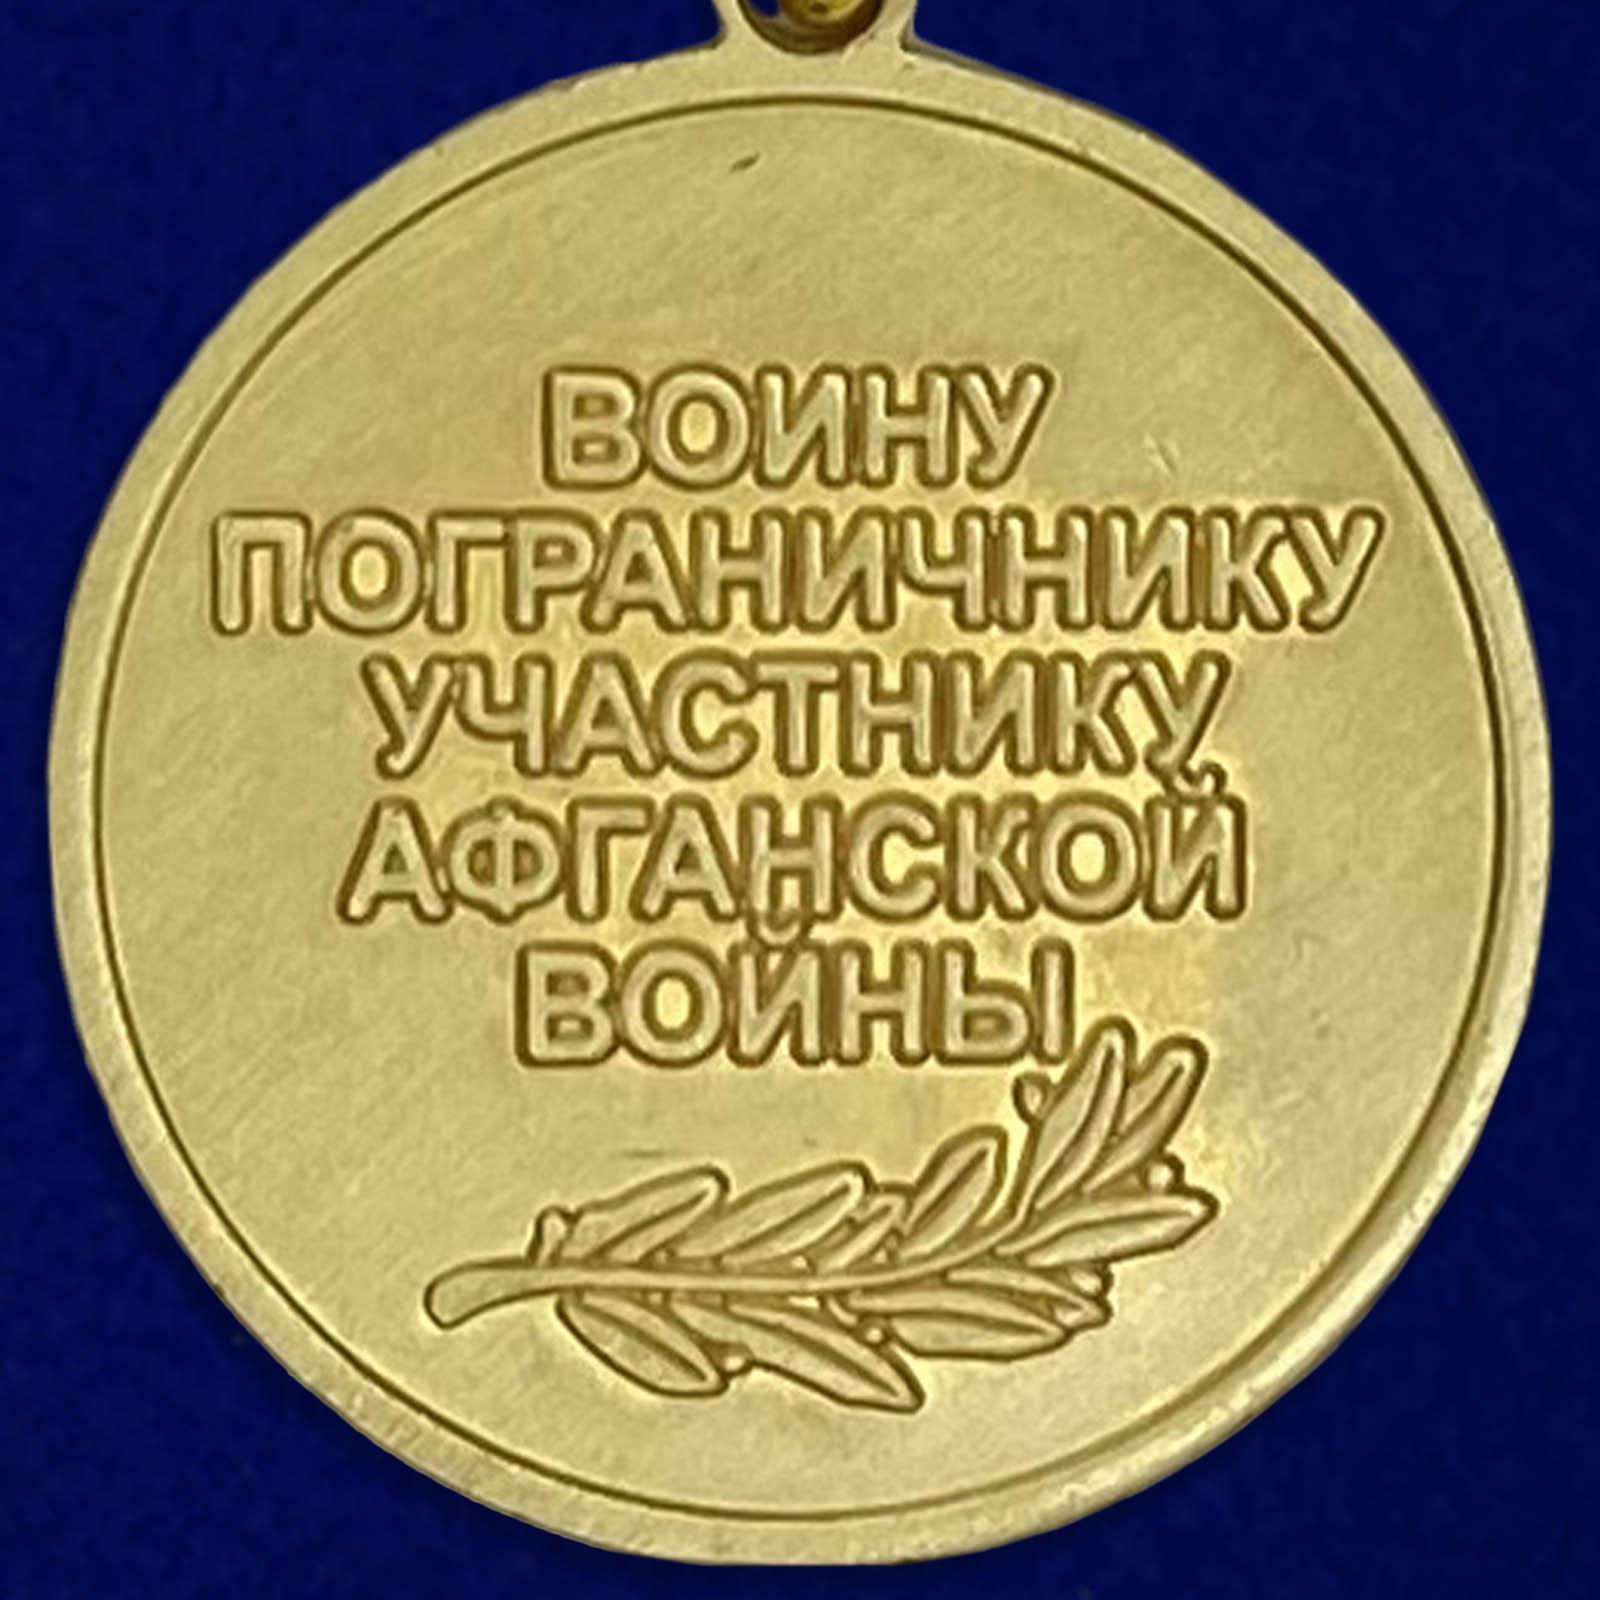 """Медаль """"Воину - пограничнику, участнику Афганской войны"""" - оборотная сторона"""